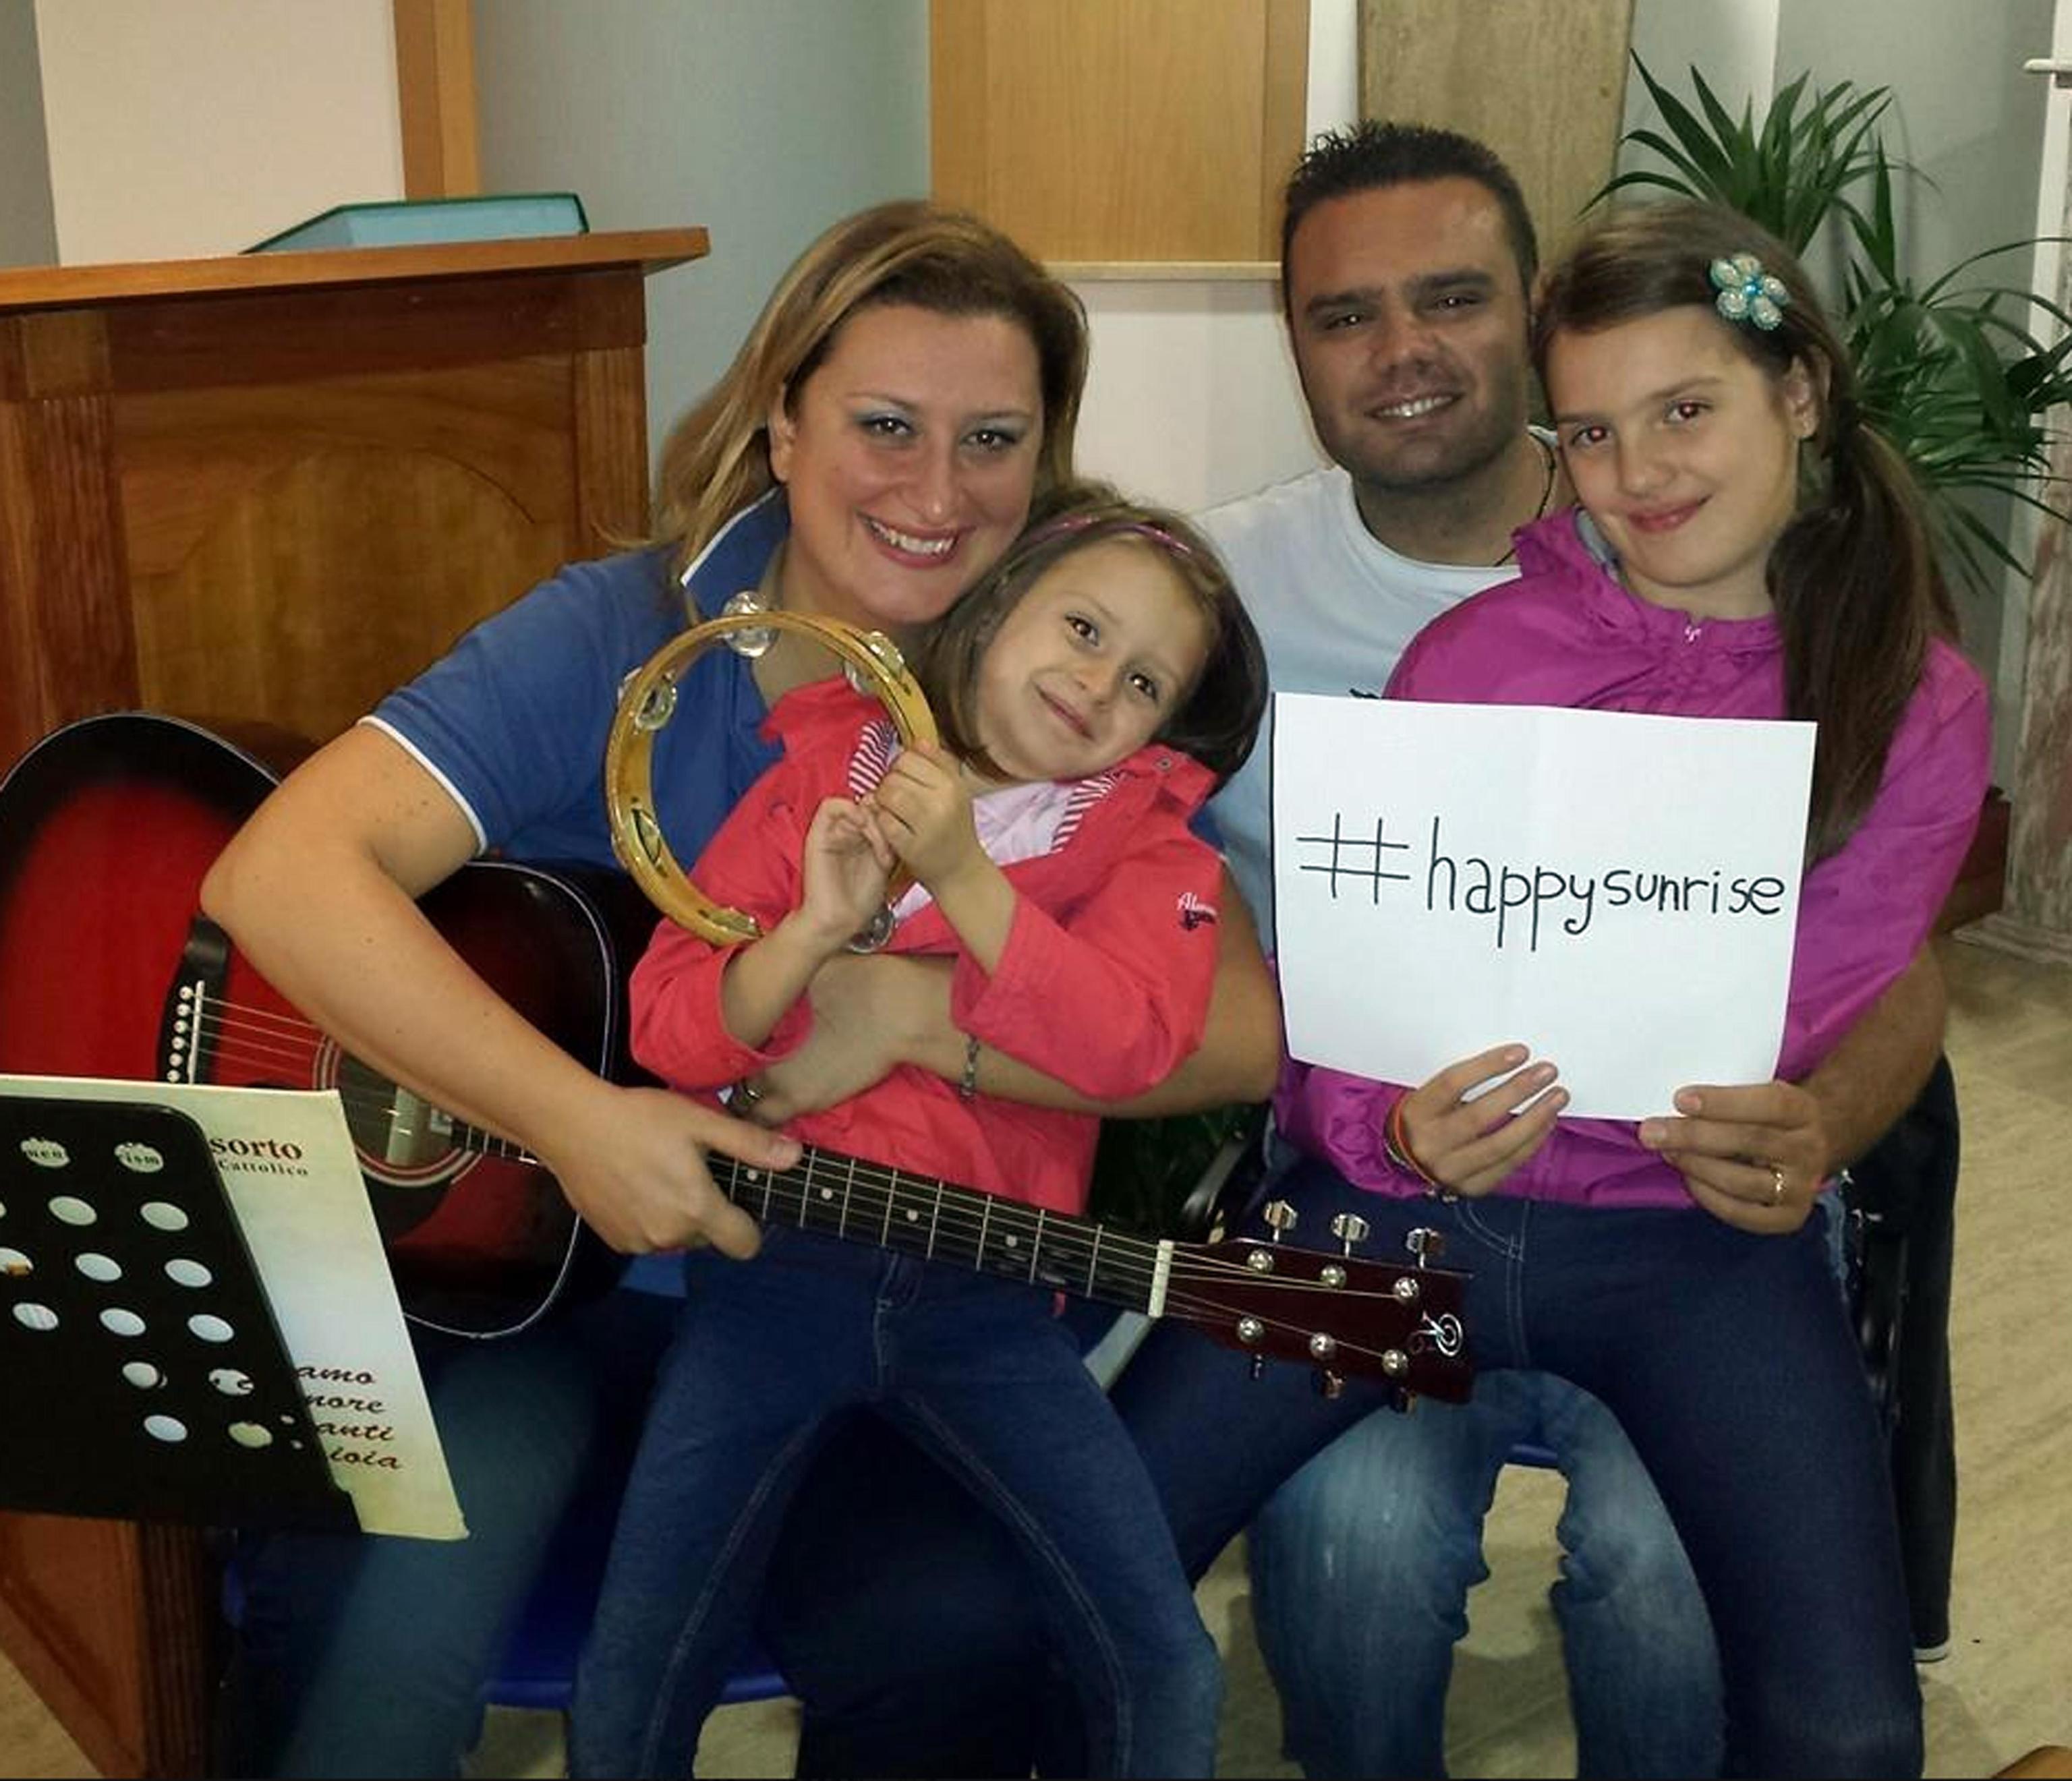 Cisterna di Latina: Antonietta Gargiulo informata della morte delle figlie